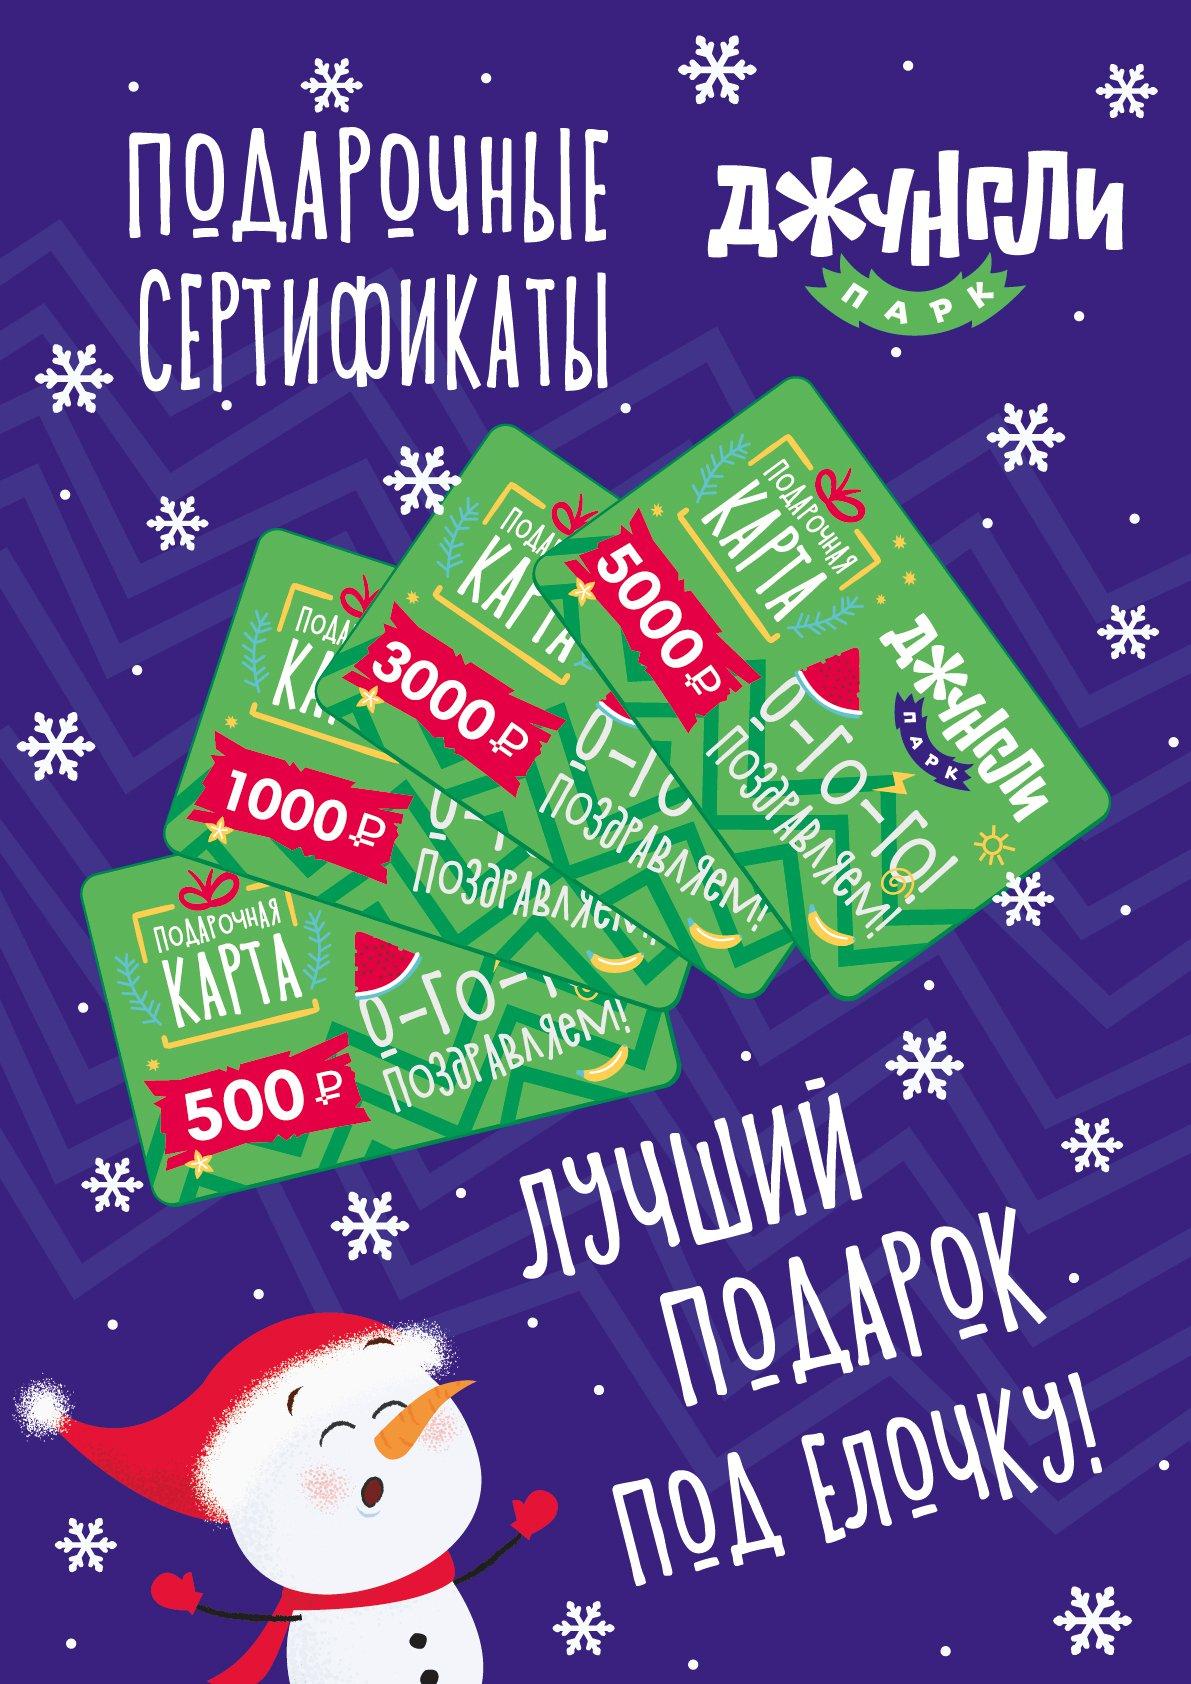 Подарочные_сертификаты_НГ